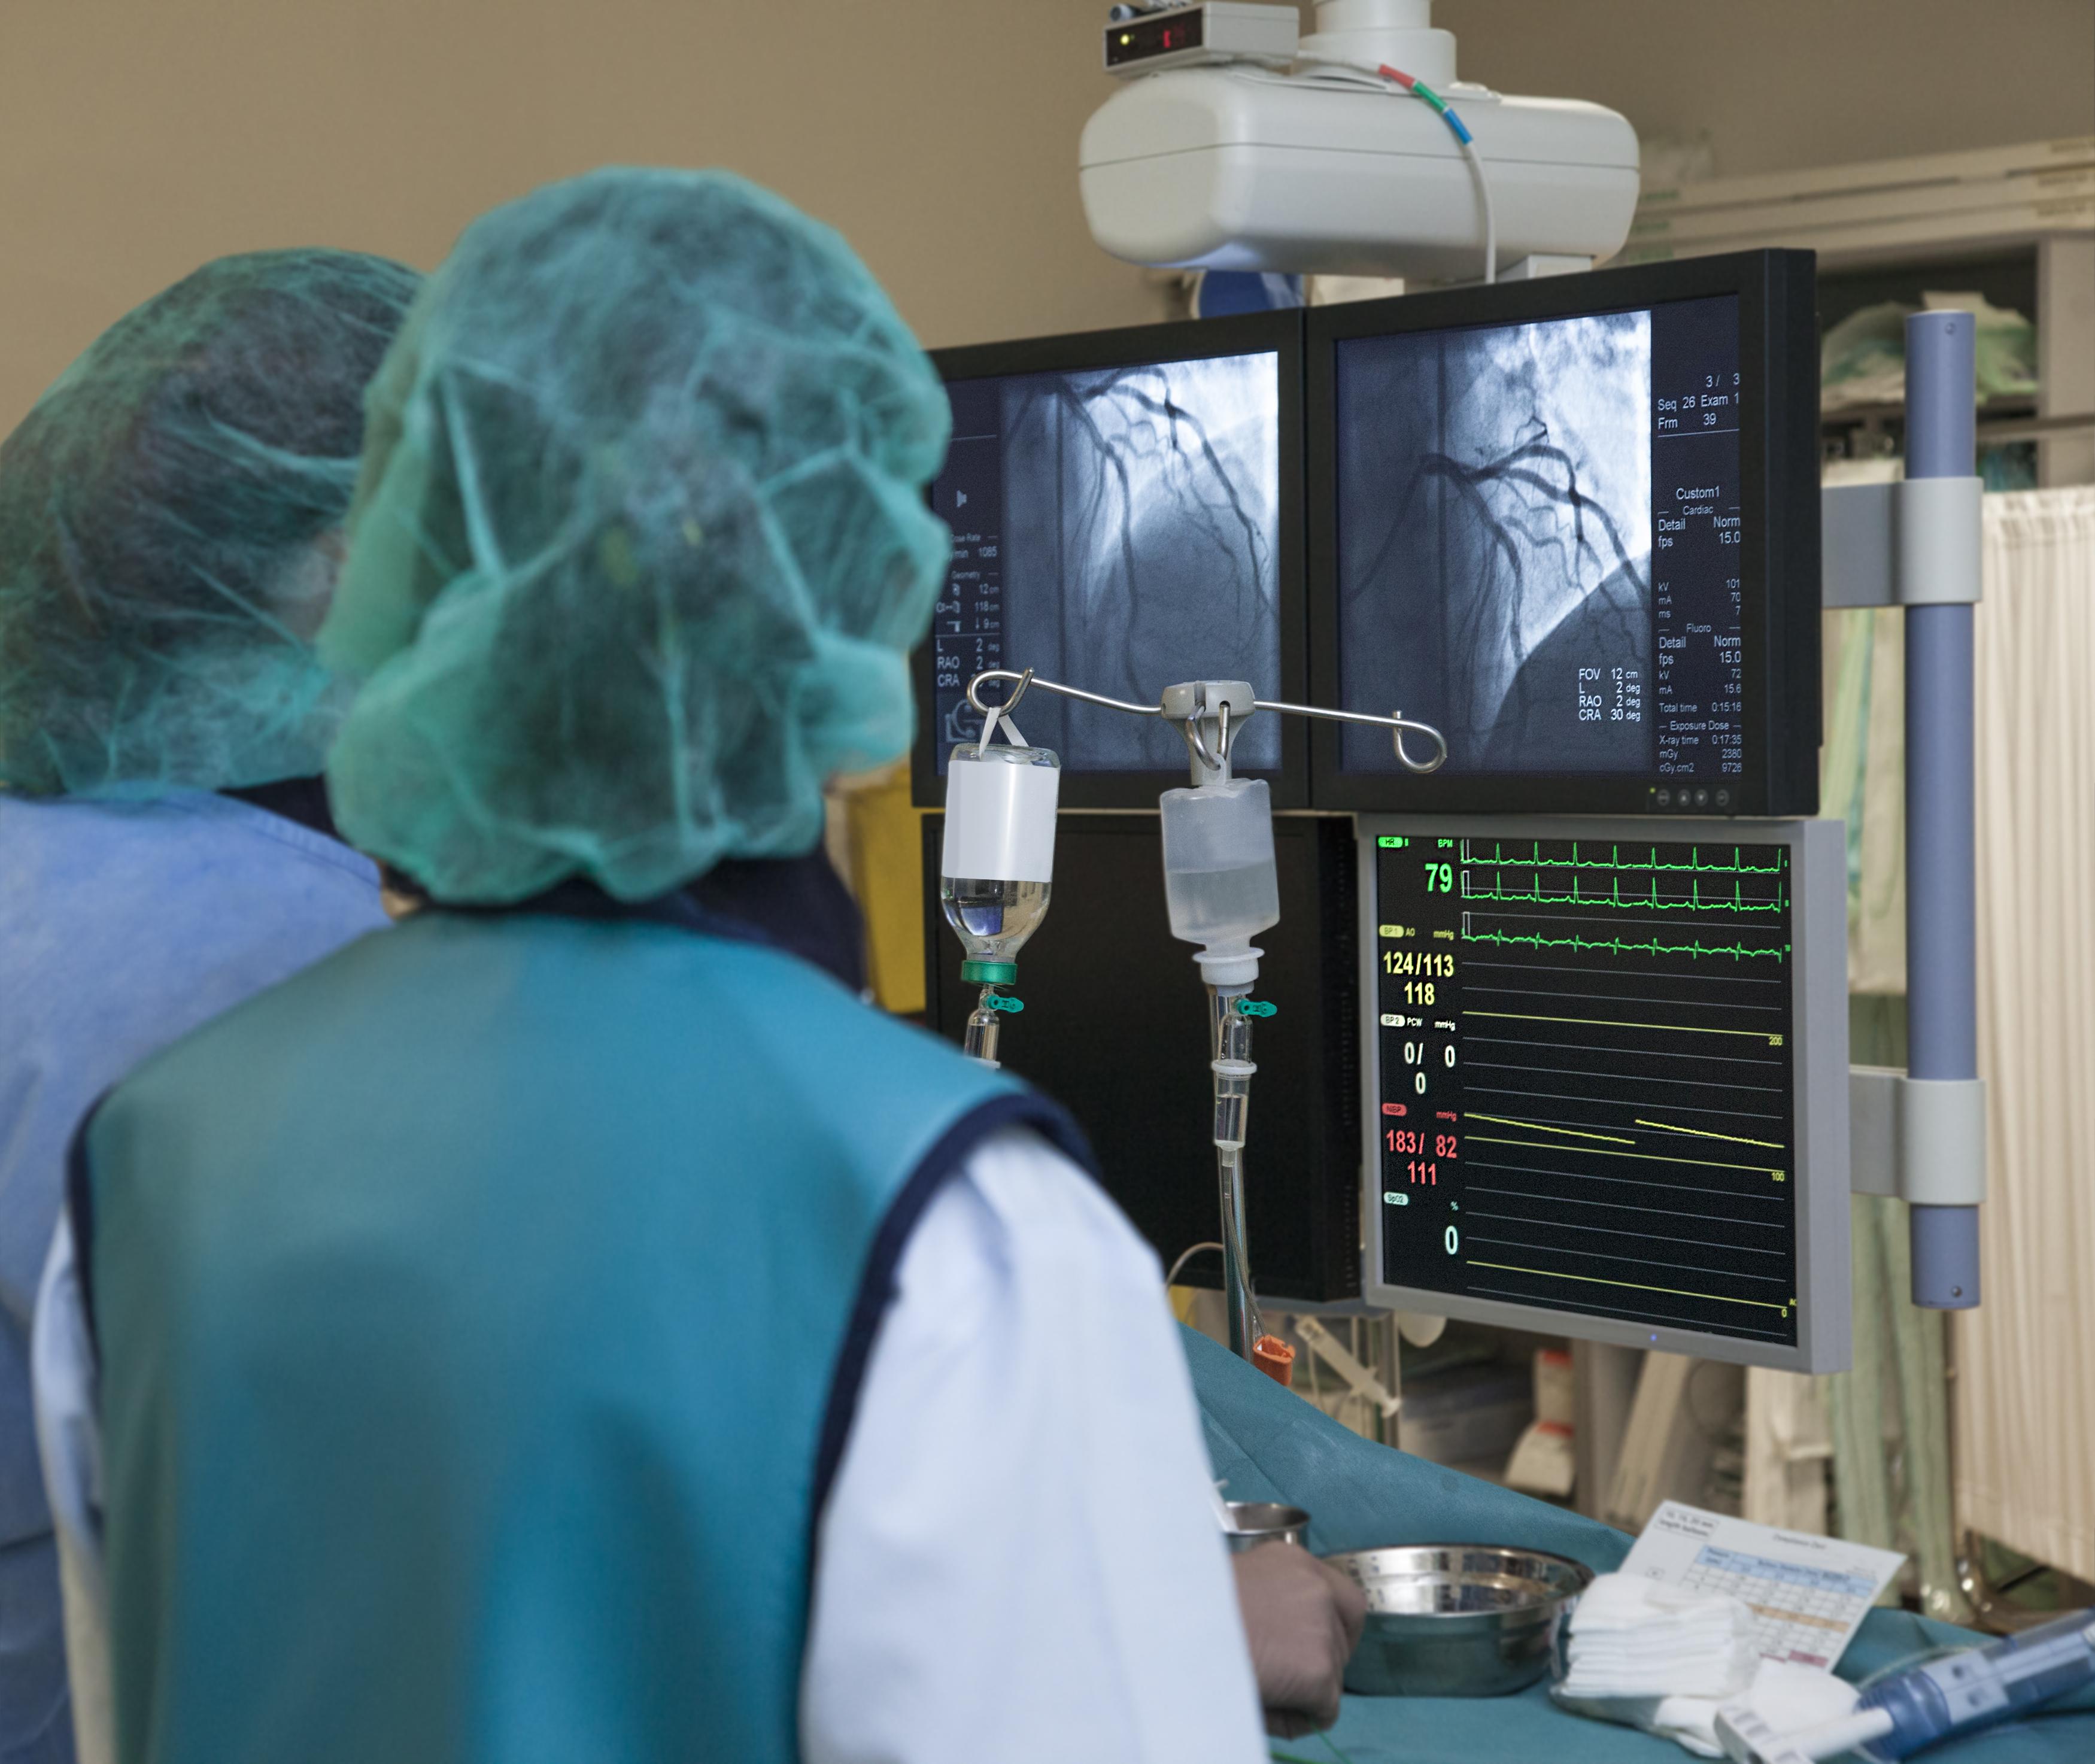 hjärtkirurgin i landet generellt håller mycket hög klass men att det samtidigt finns stora regionala skillnader.